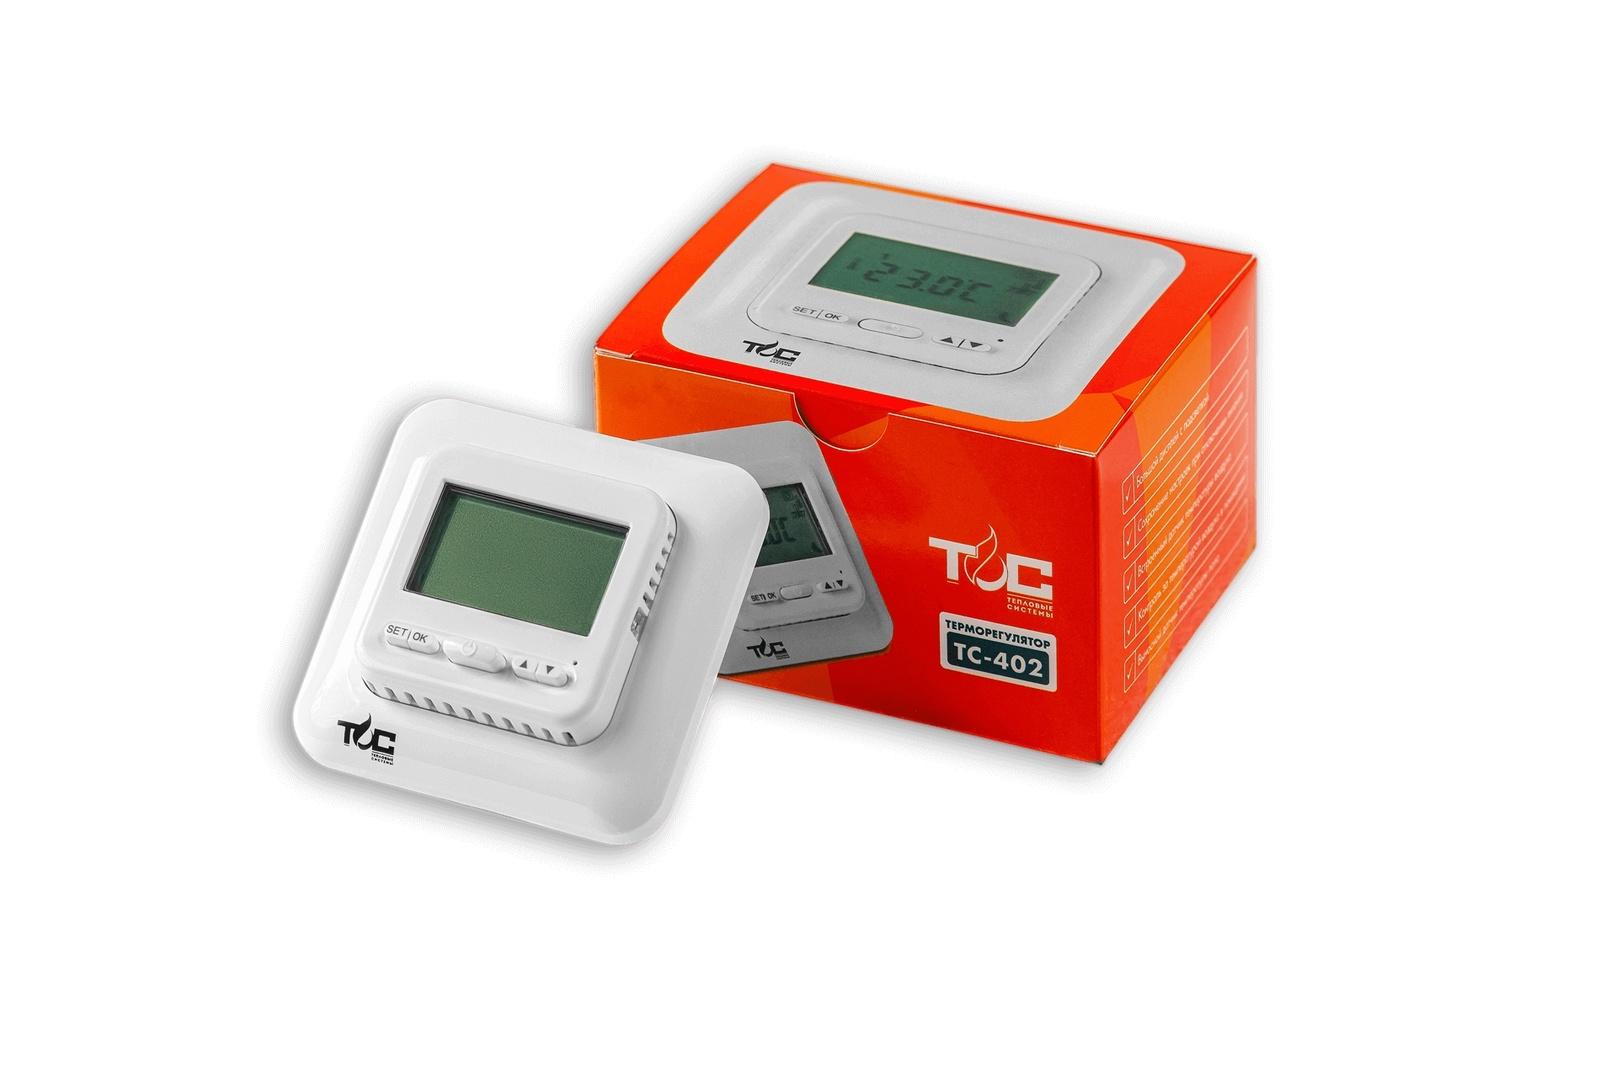 Терморегулятор теплого пола Теплый пол №1 ТС 402, ТС 402 цена